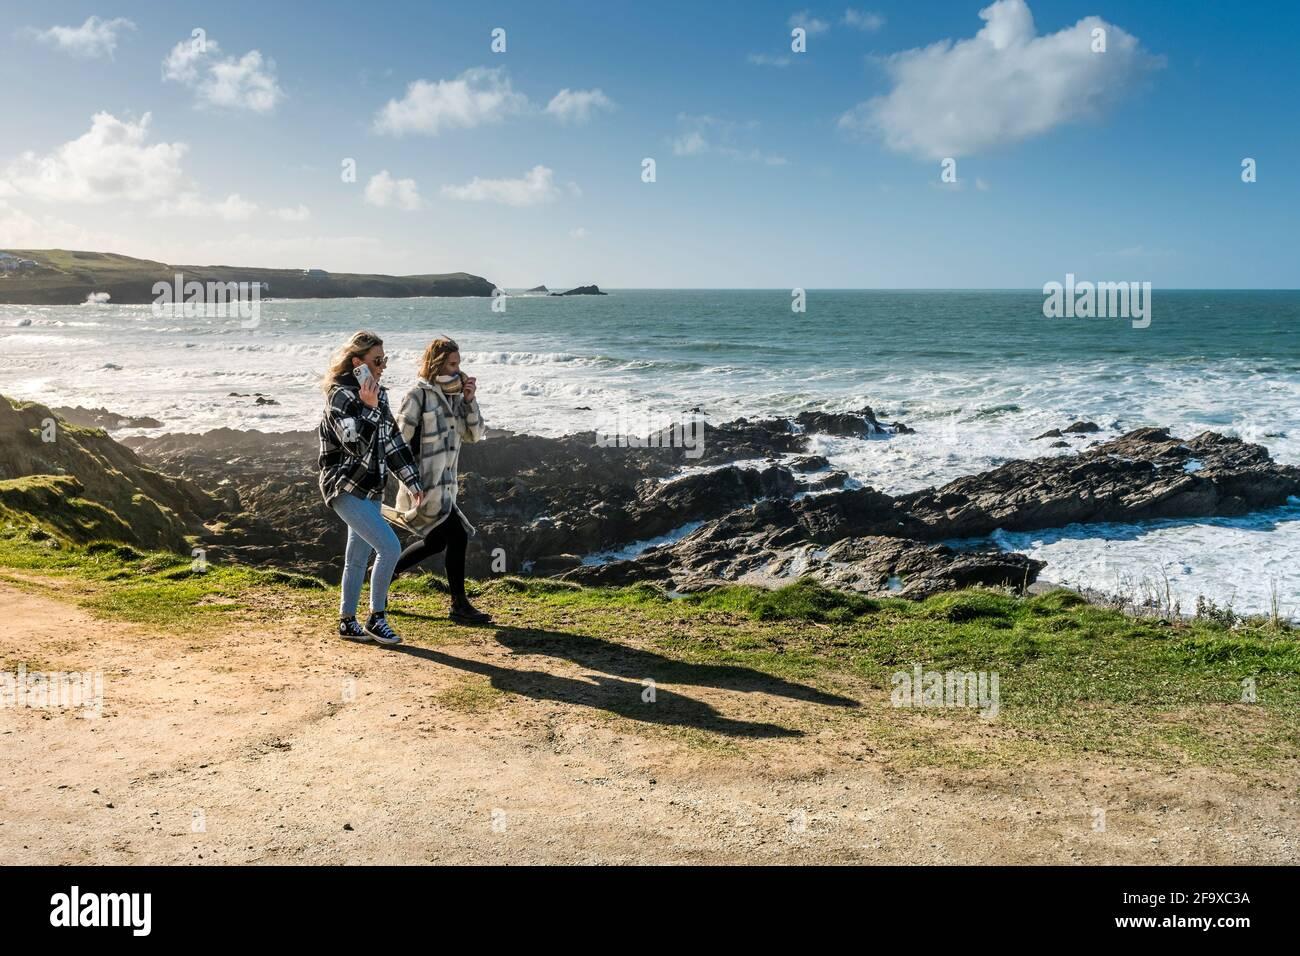 Deux amies marchent le long du sentier côtier sur le promontoire de Newquay, en Cornouailles. Banque D'Images